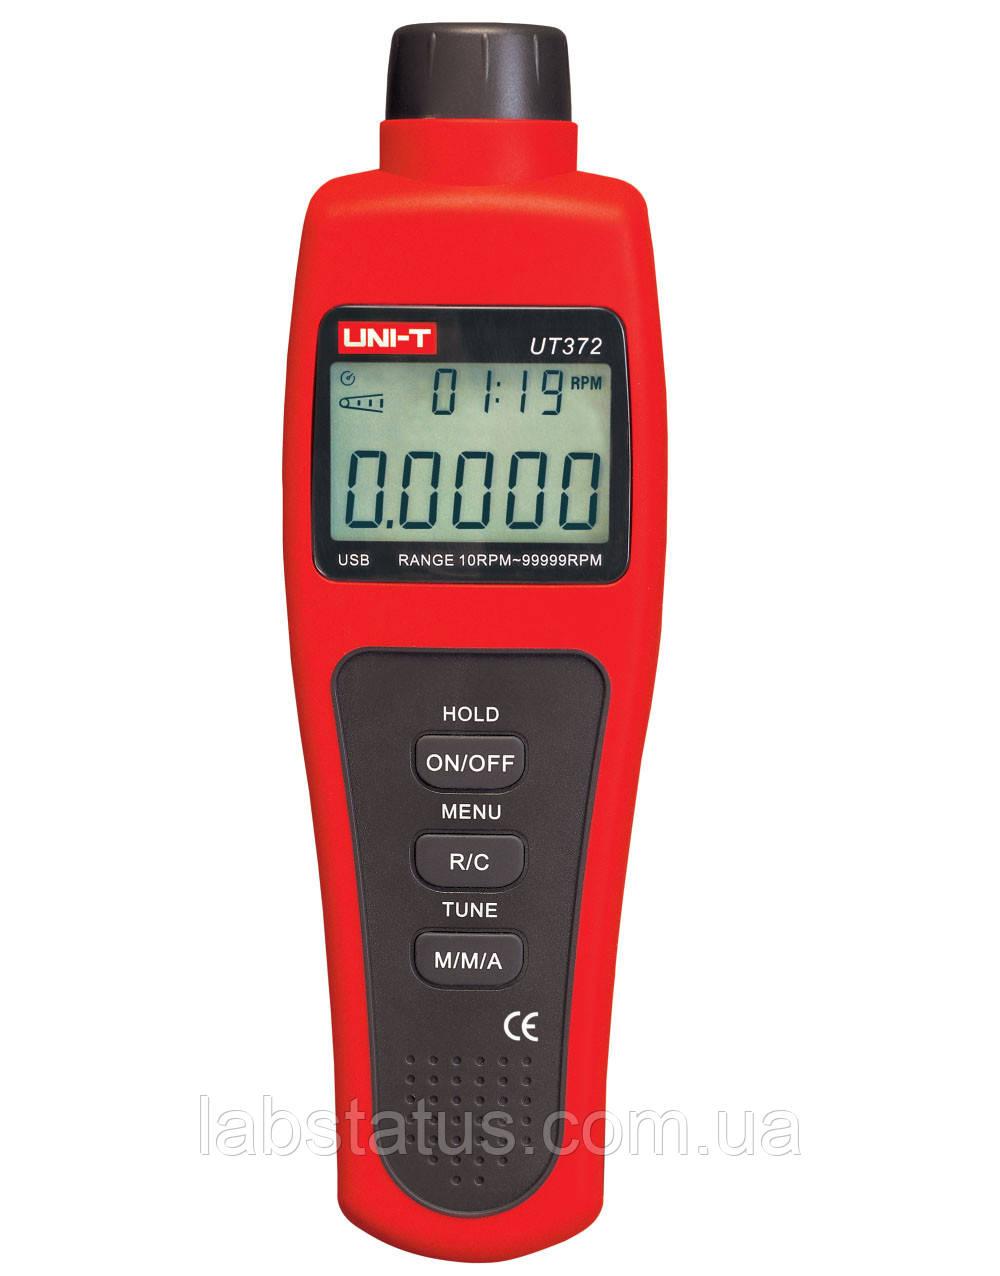 Безконтактний лазерний тахометр UNIT UT372 (від 10 до 99999 об./хв) з USB-інтерфейсом